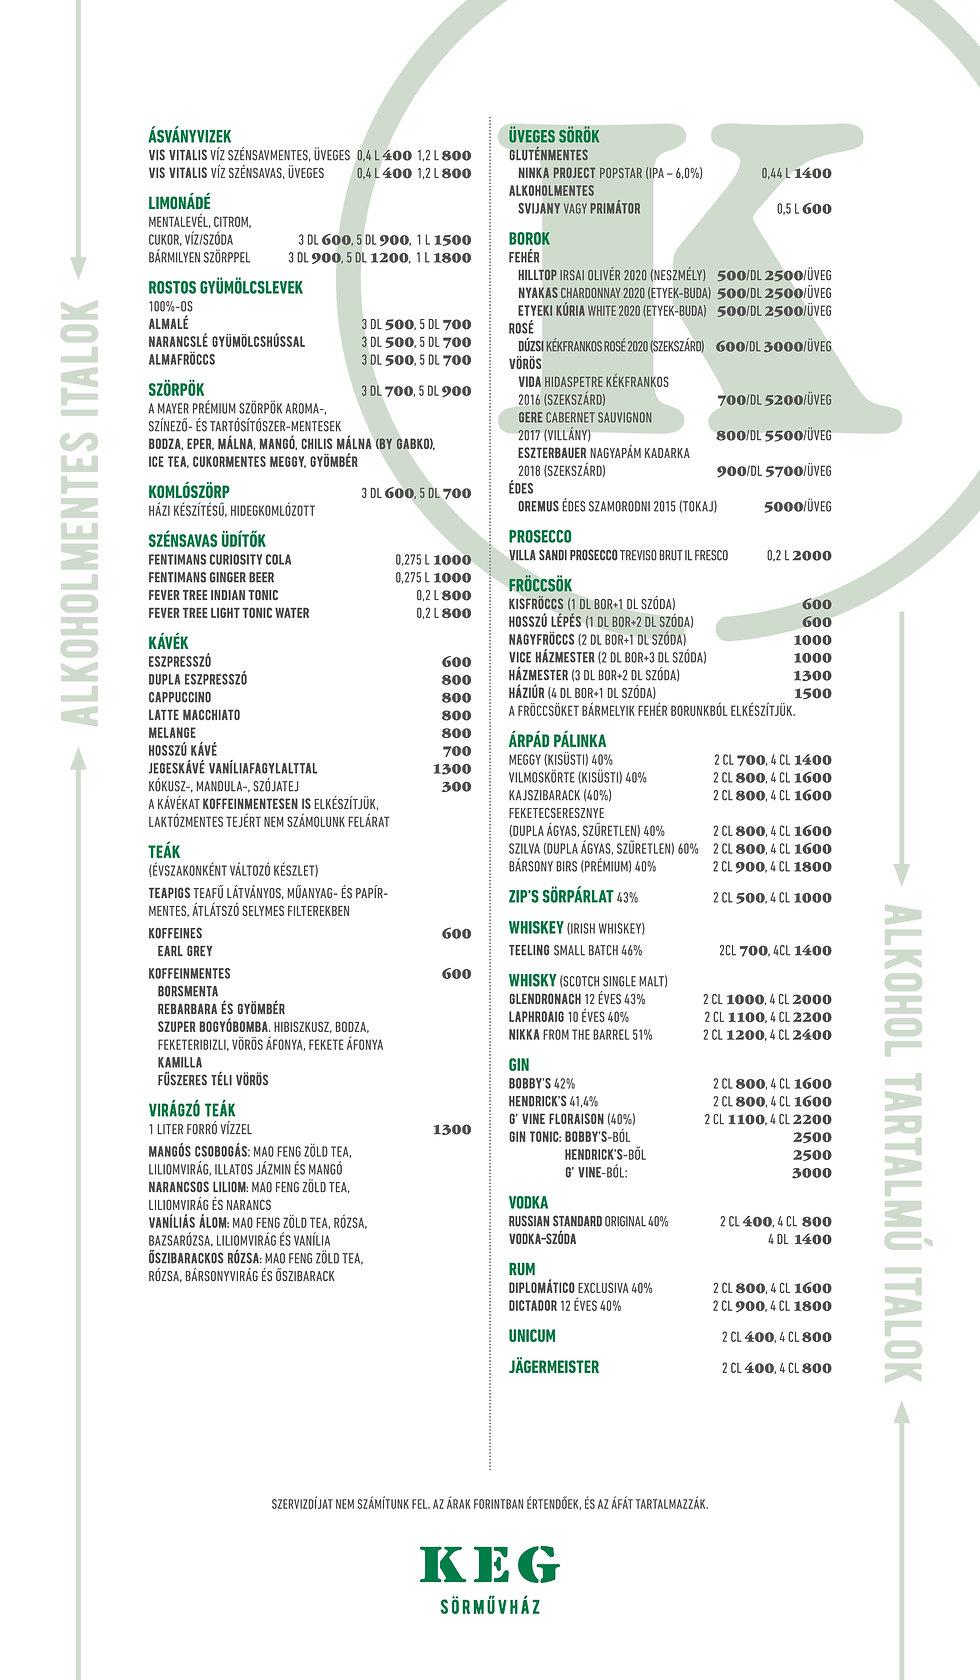 keg_sormuvhaz_menu_itallap_2021_102.jpg